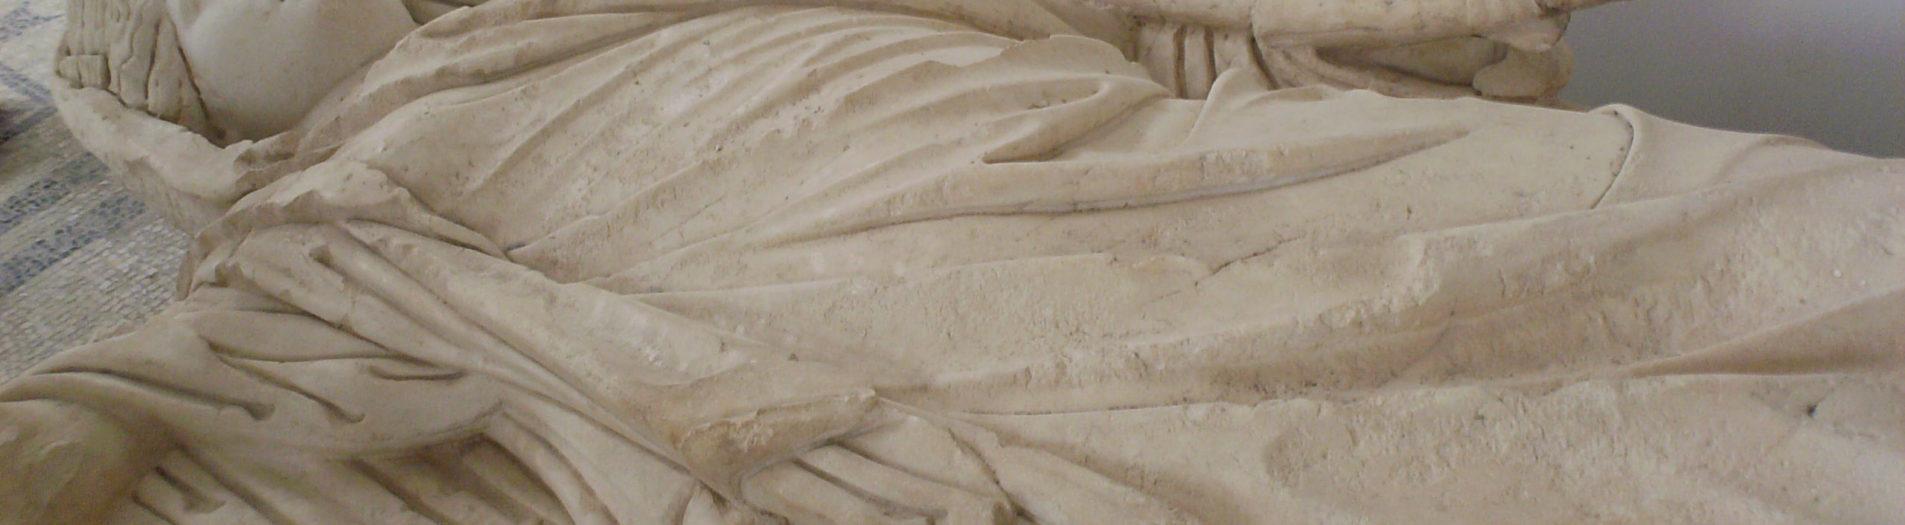 Des statues et des bustes du musée du Bardo